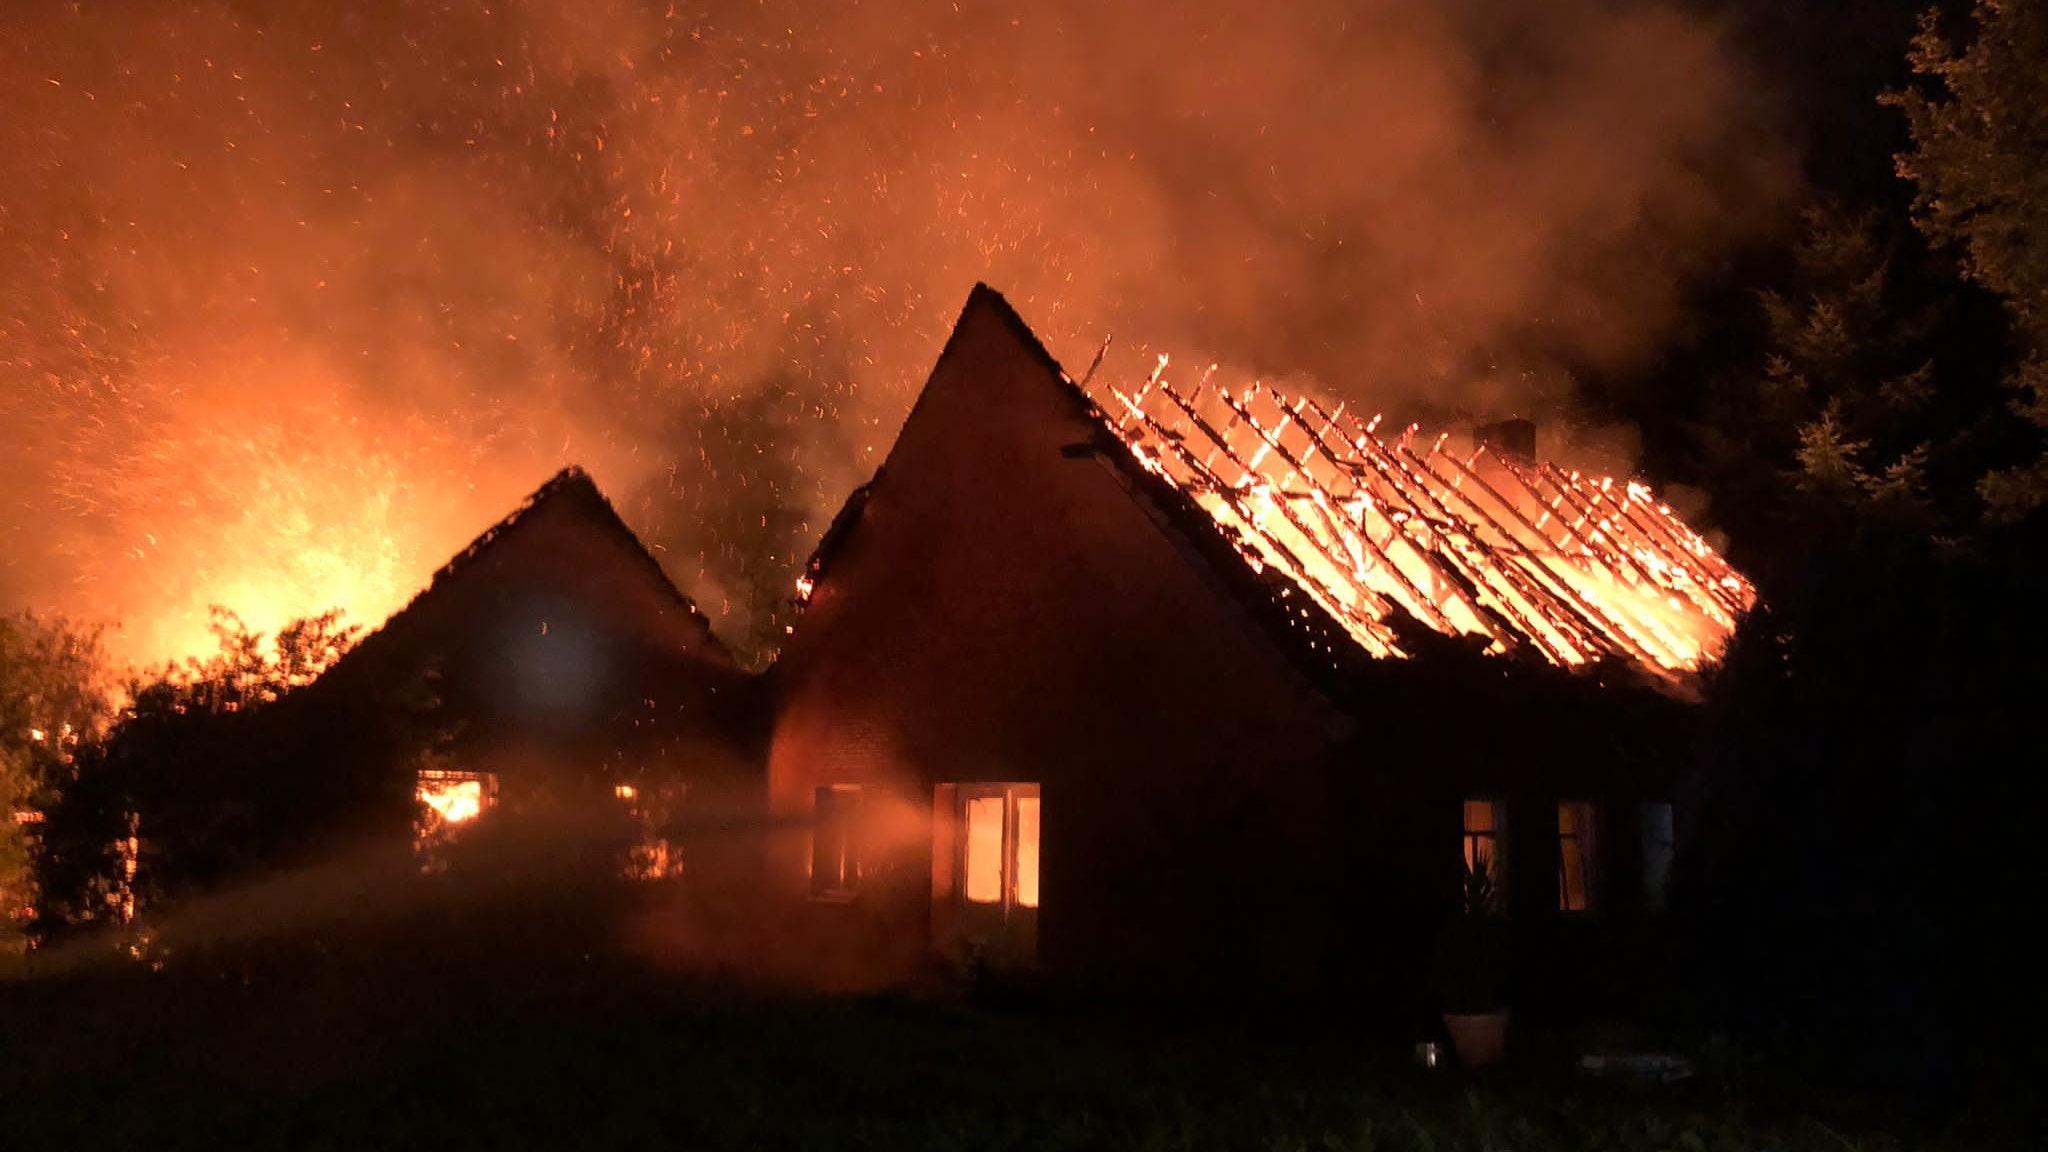 Foto: Feuerwehr Peheim/Warnke